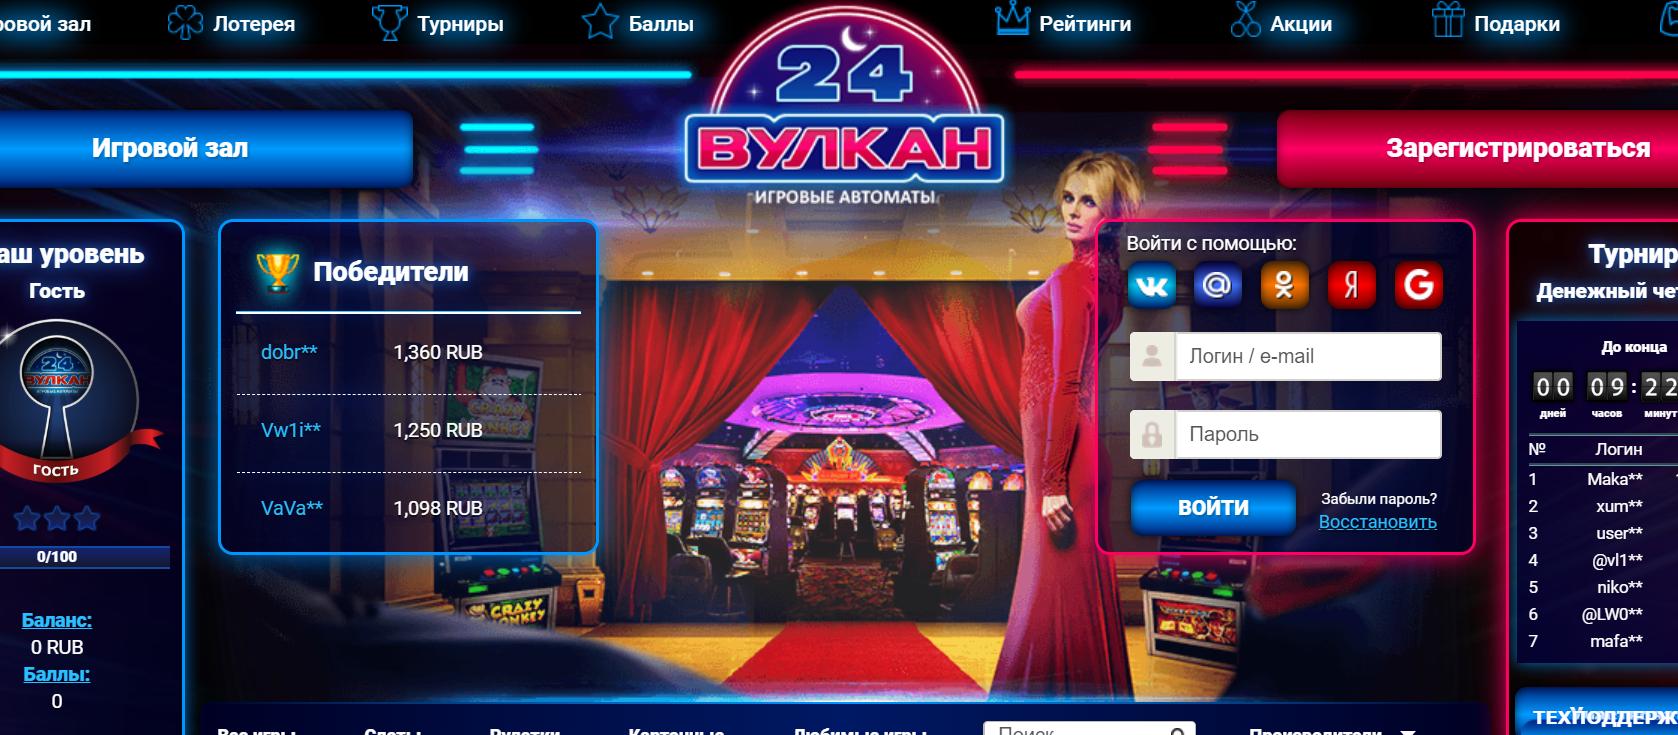 Азартные богатства доступны каждому в казино Вулкан 24